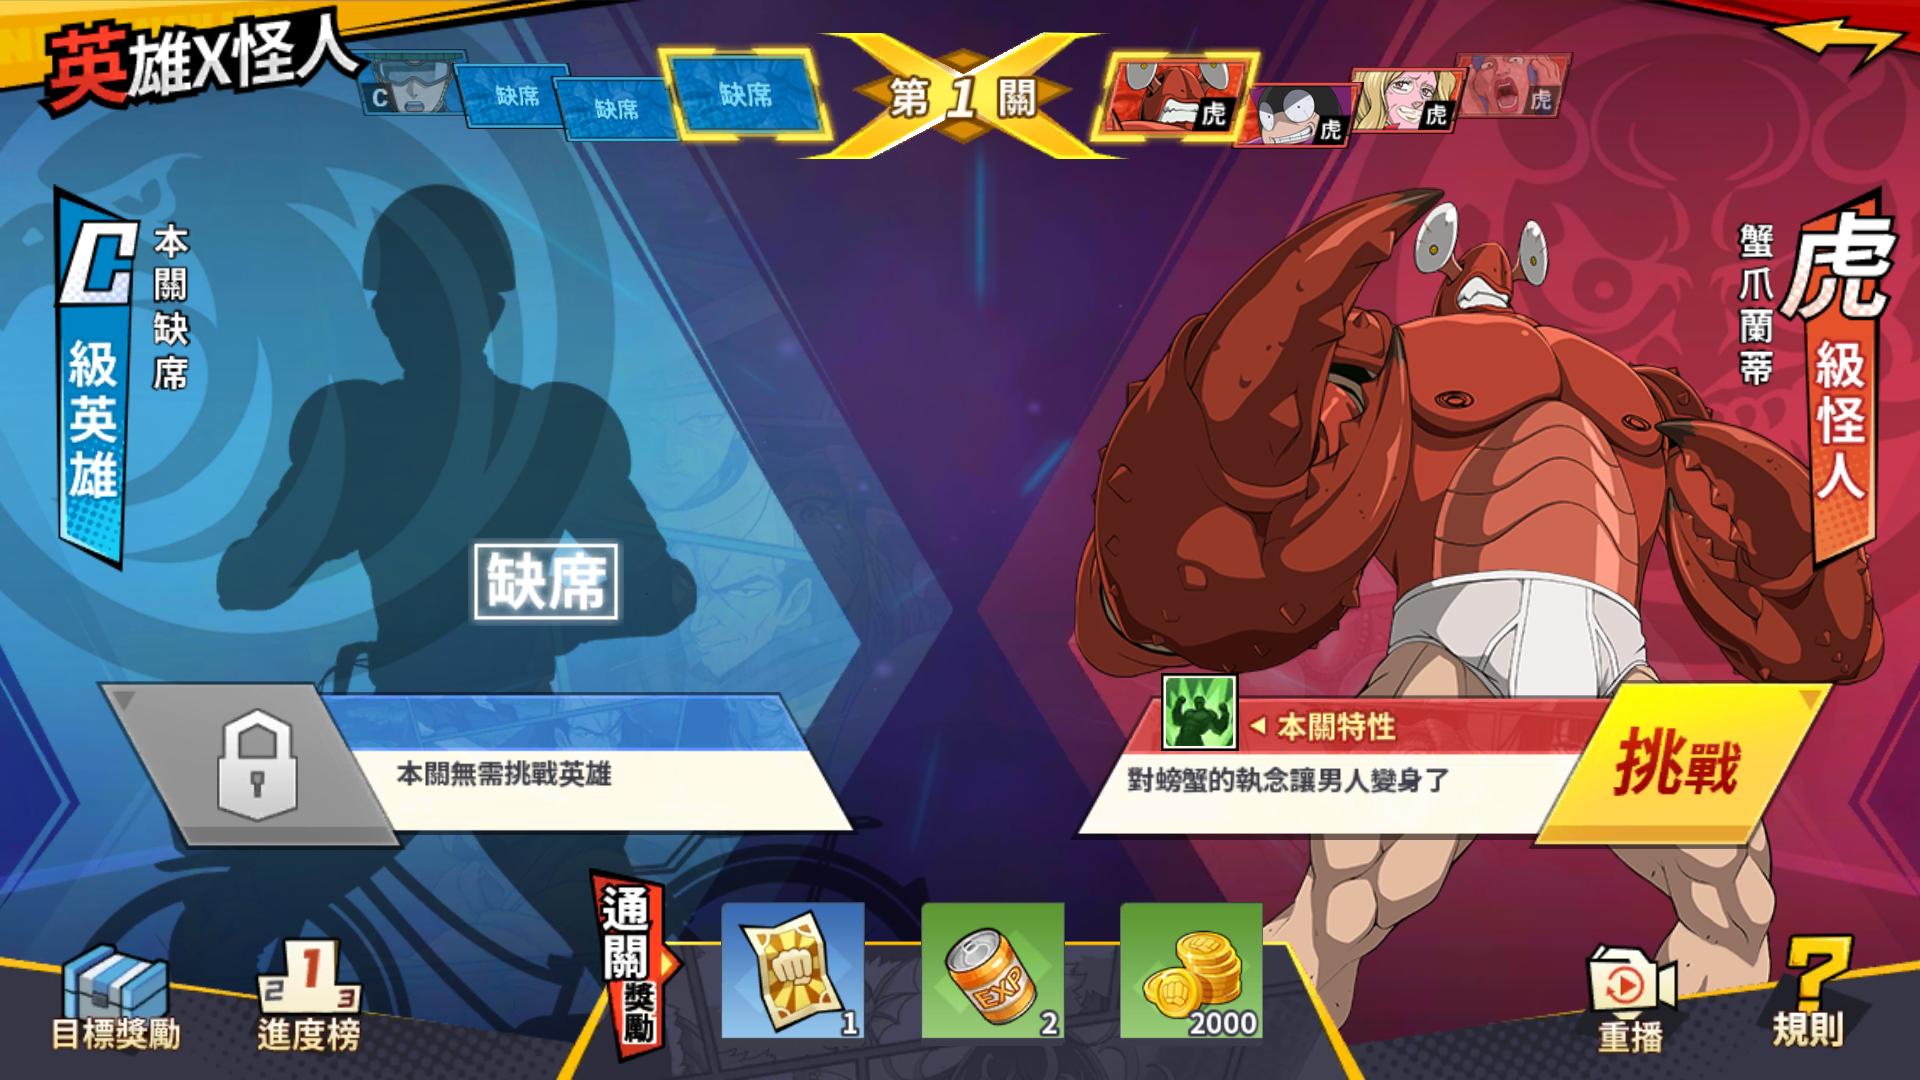 「英雄X怪人」算是遊戲裡的過關打王模式